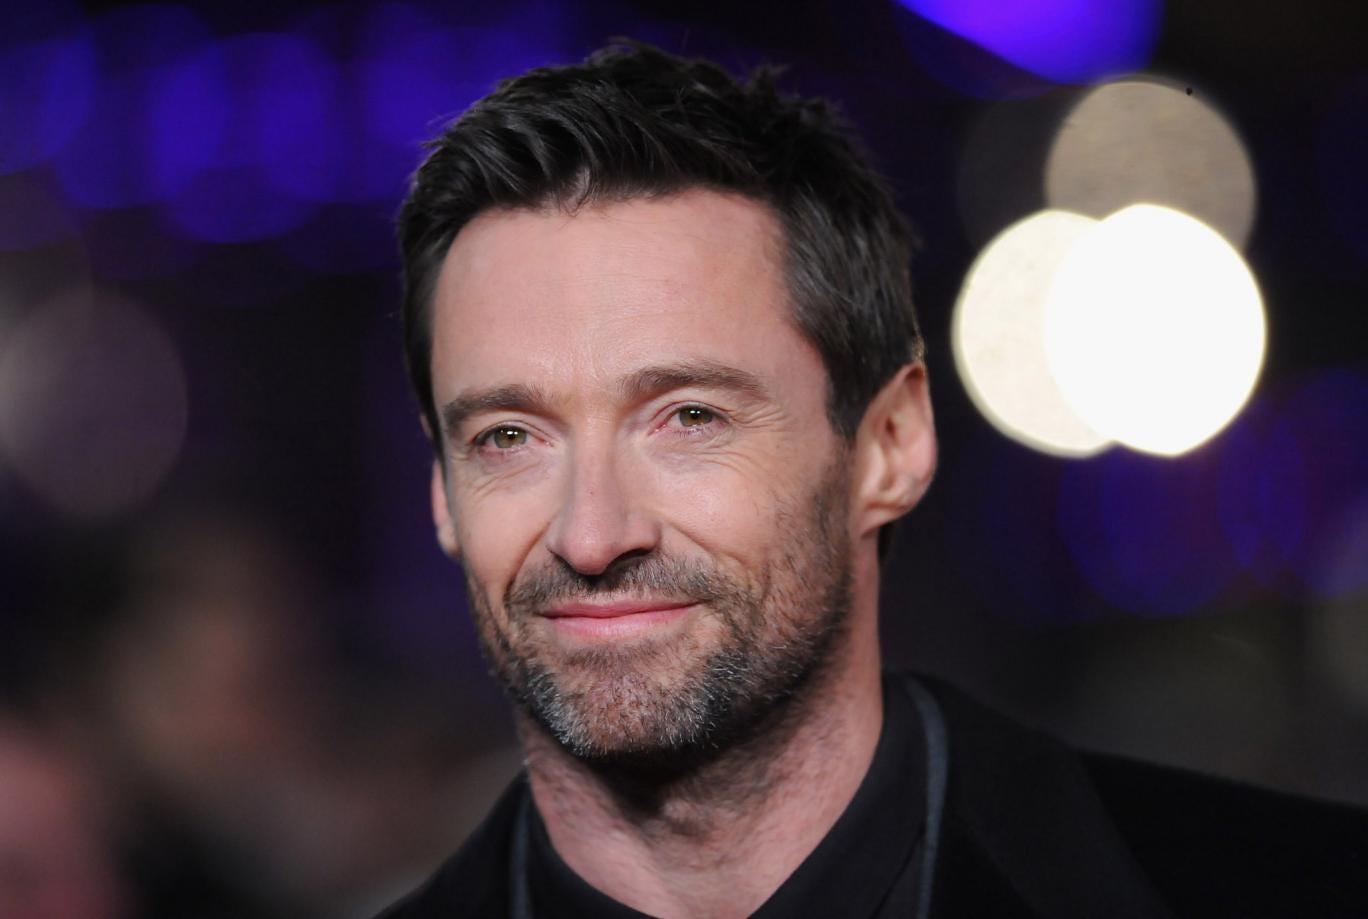 Hugh Jackman attends the Les Miserables world premiere